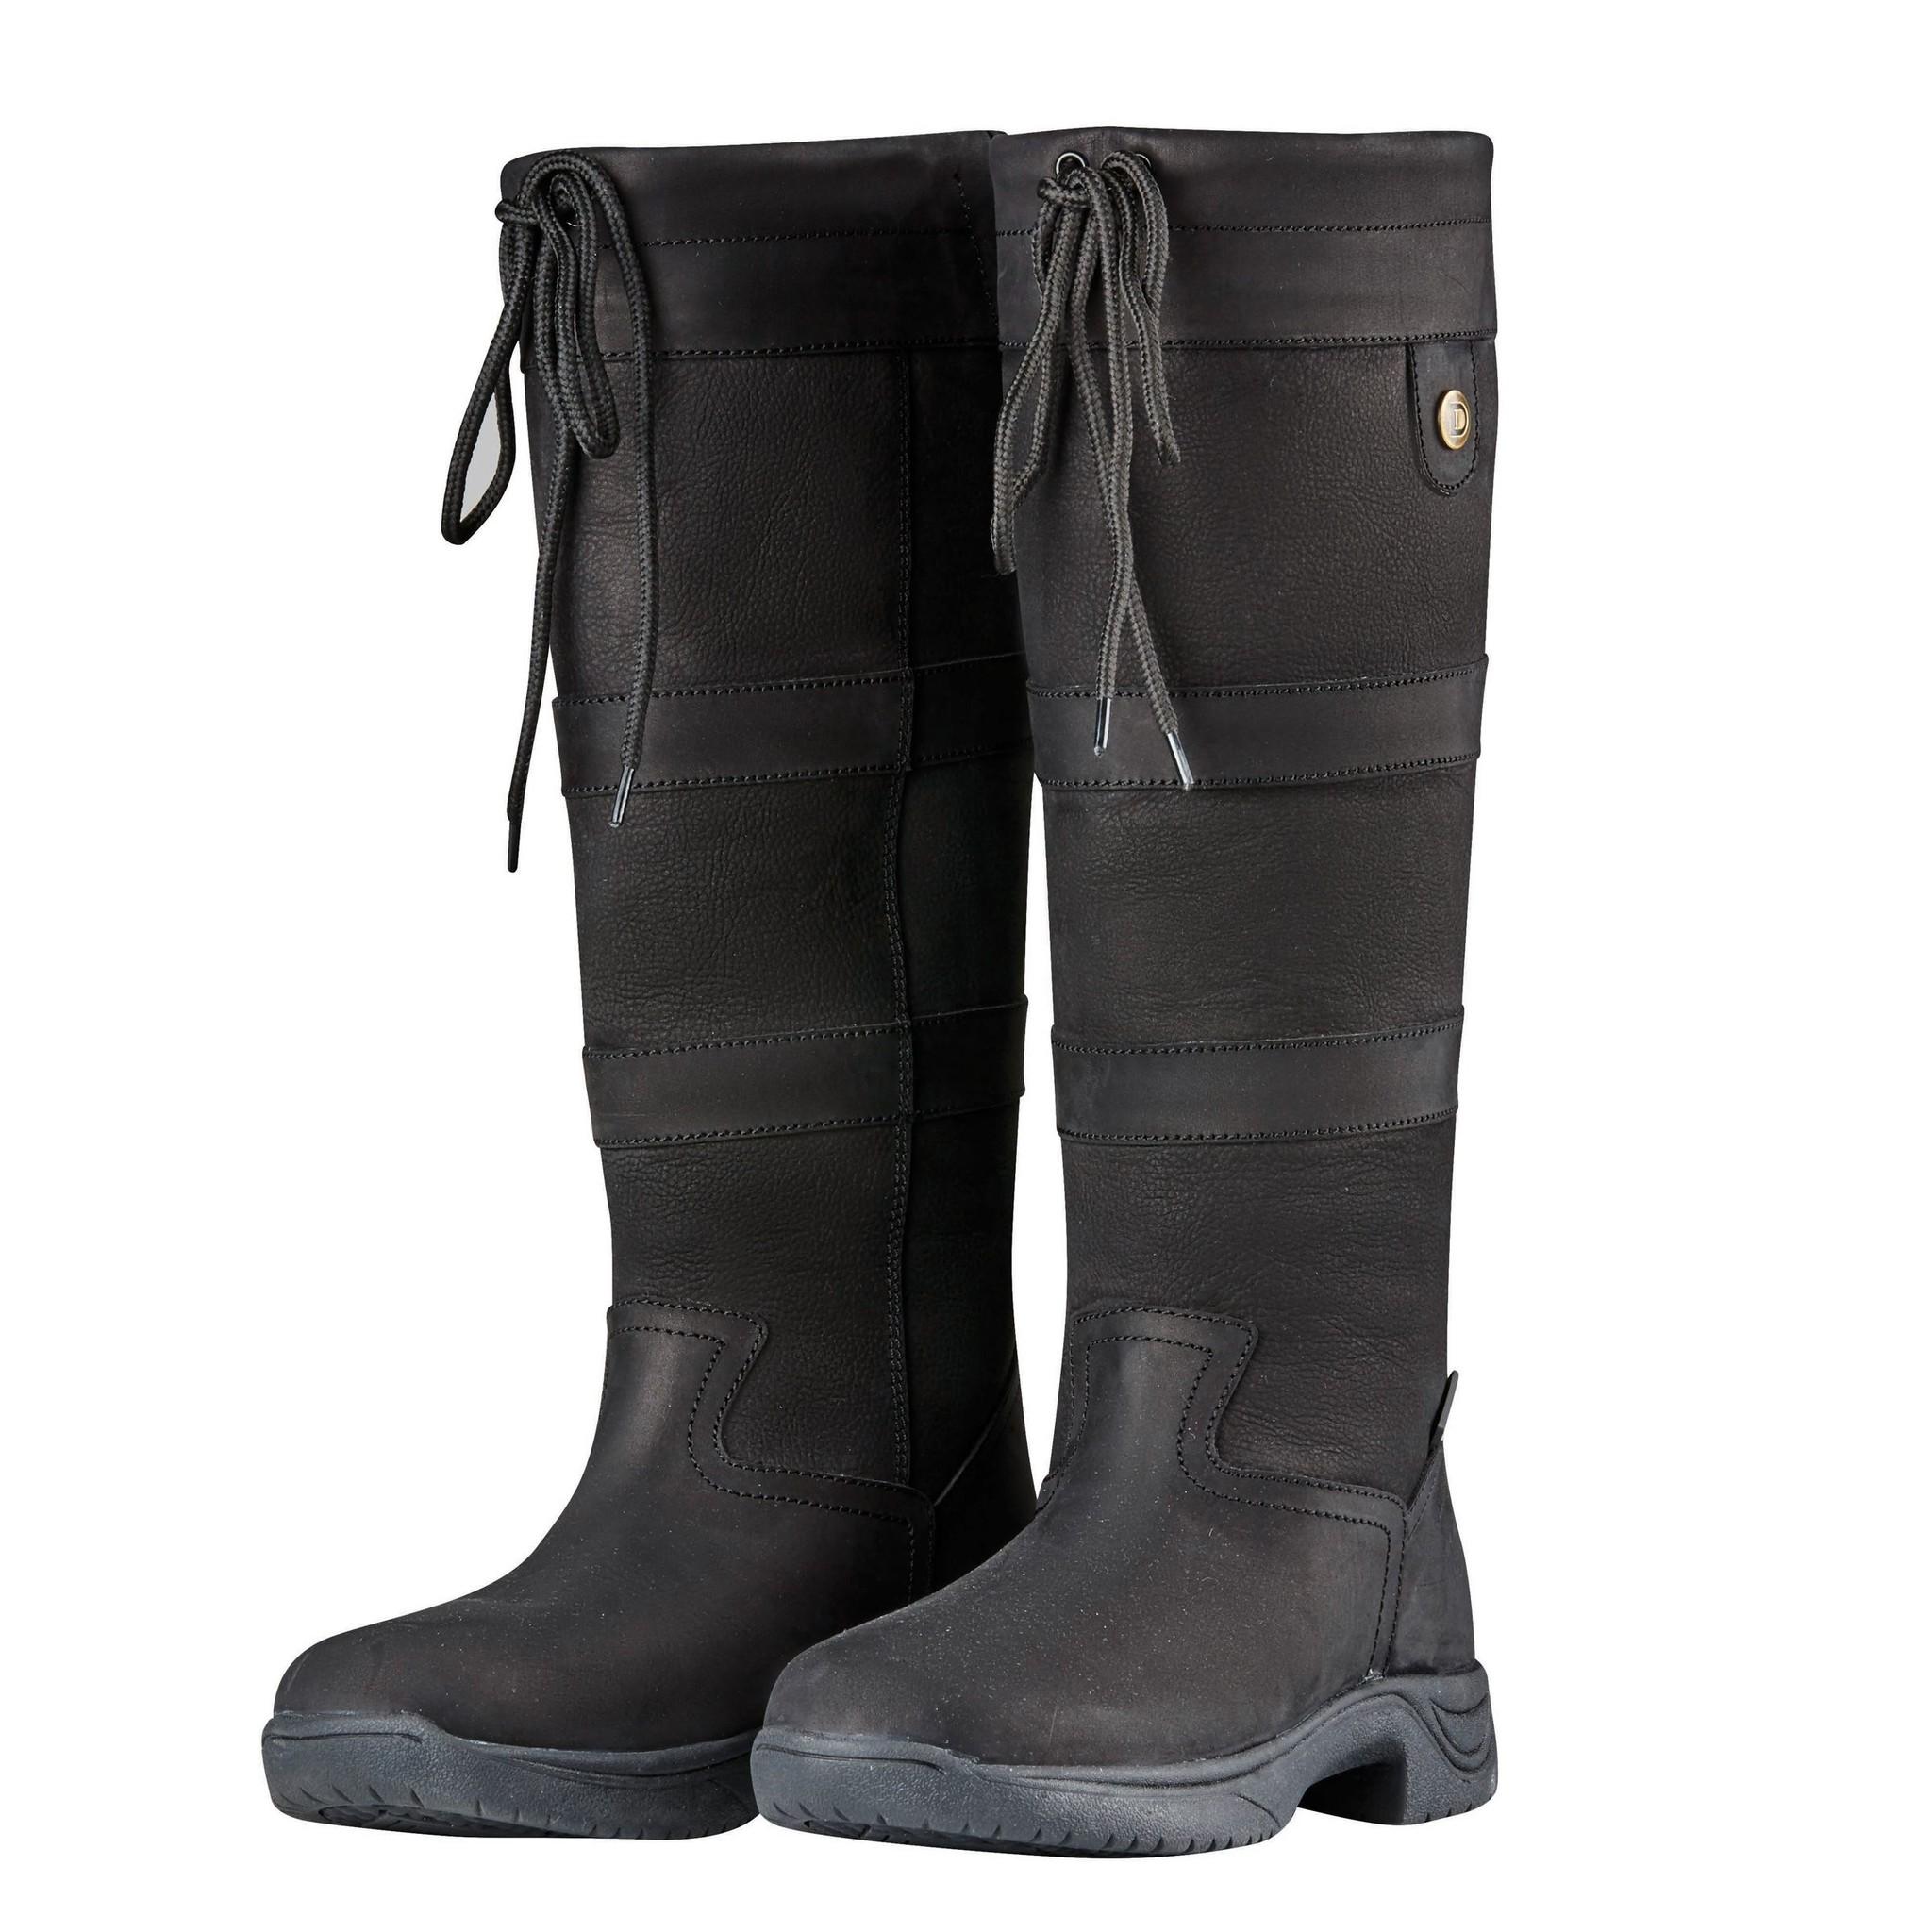 Dublin Dublin River Boots, Black